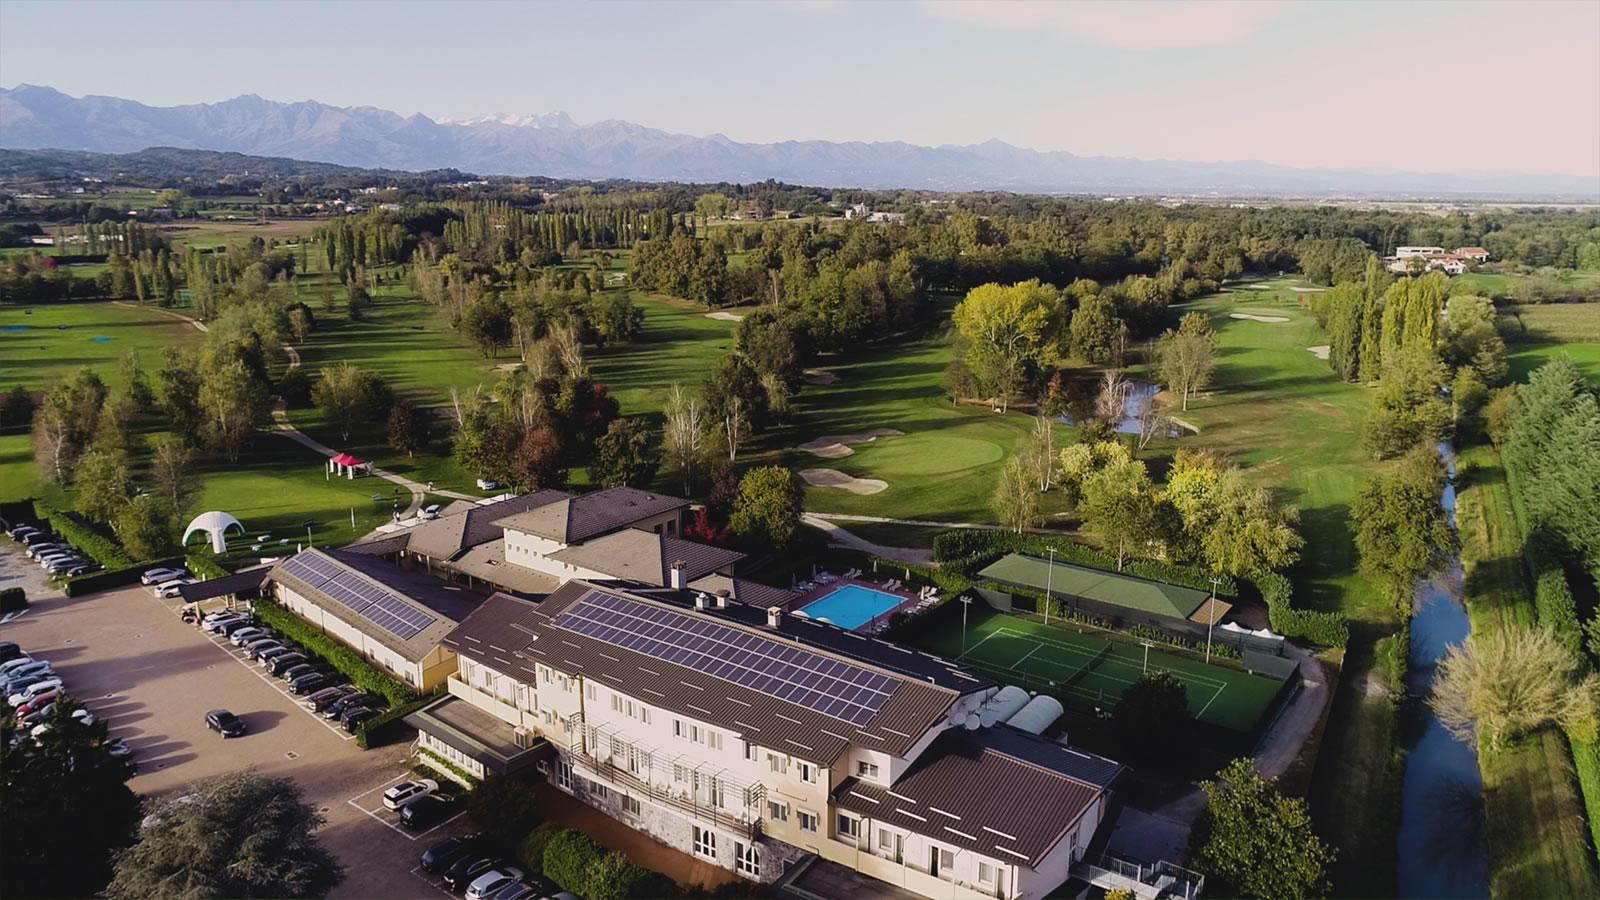 UNAHOTELS Golf Hotel Cavaglia